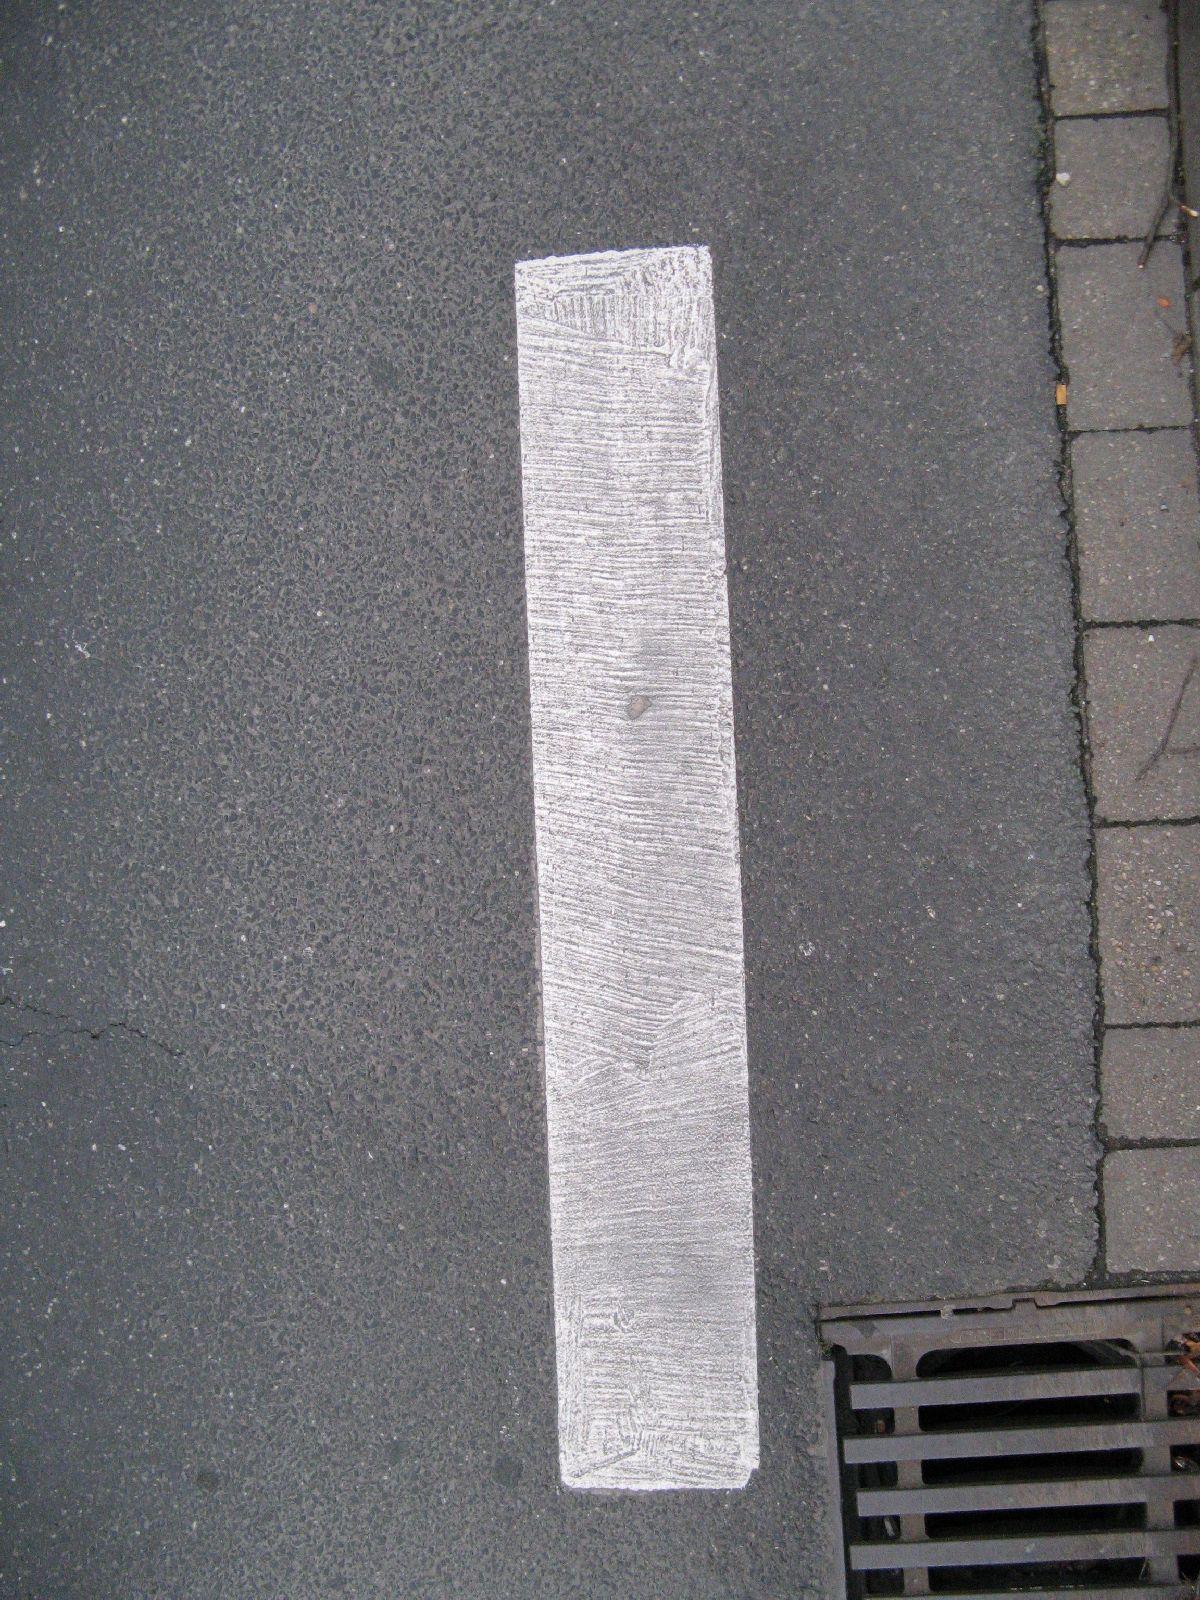 Boden-Strassenelemente_Textur_B_2590